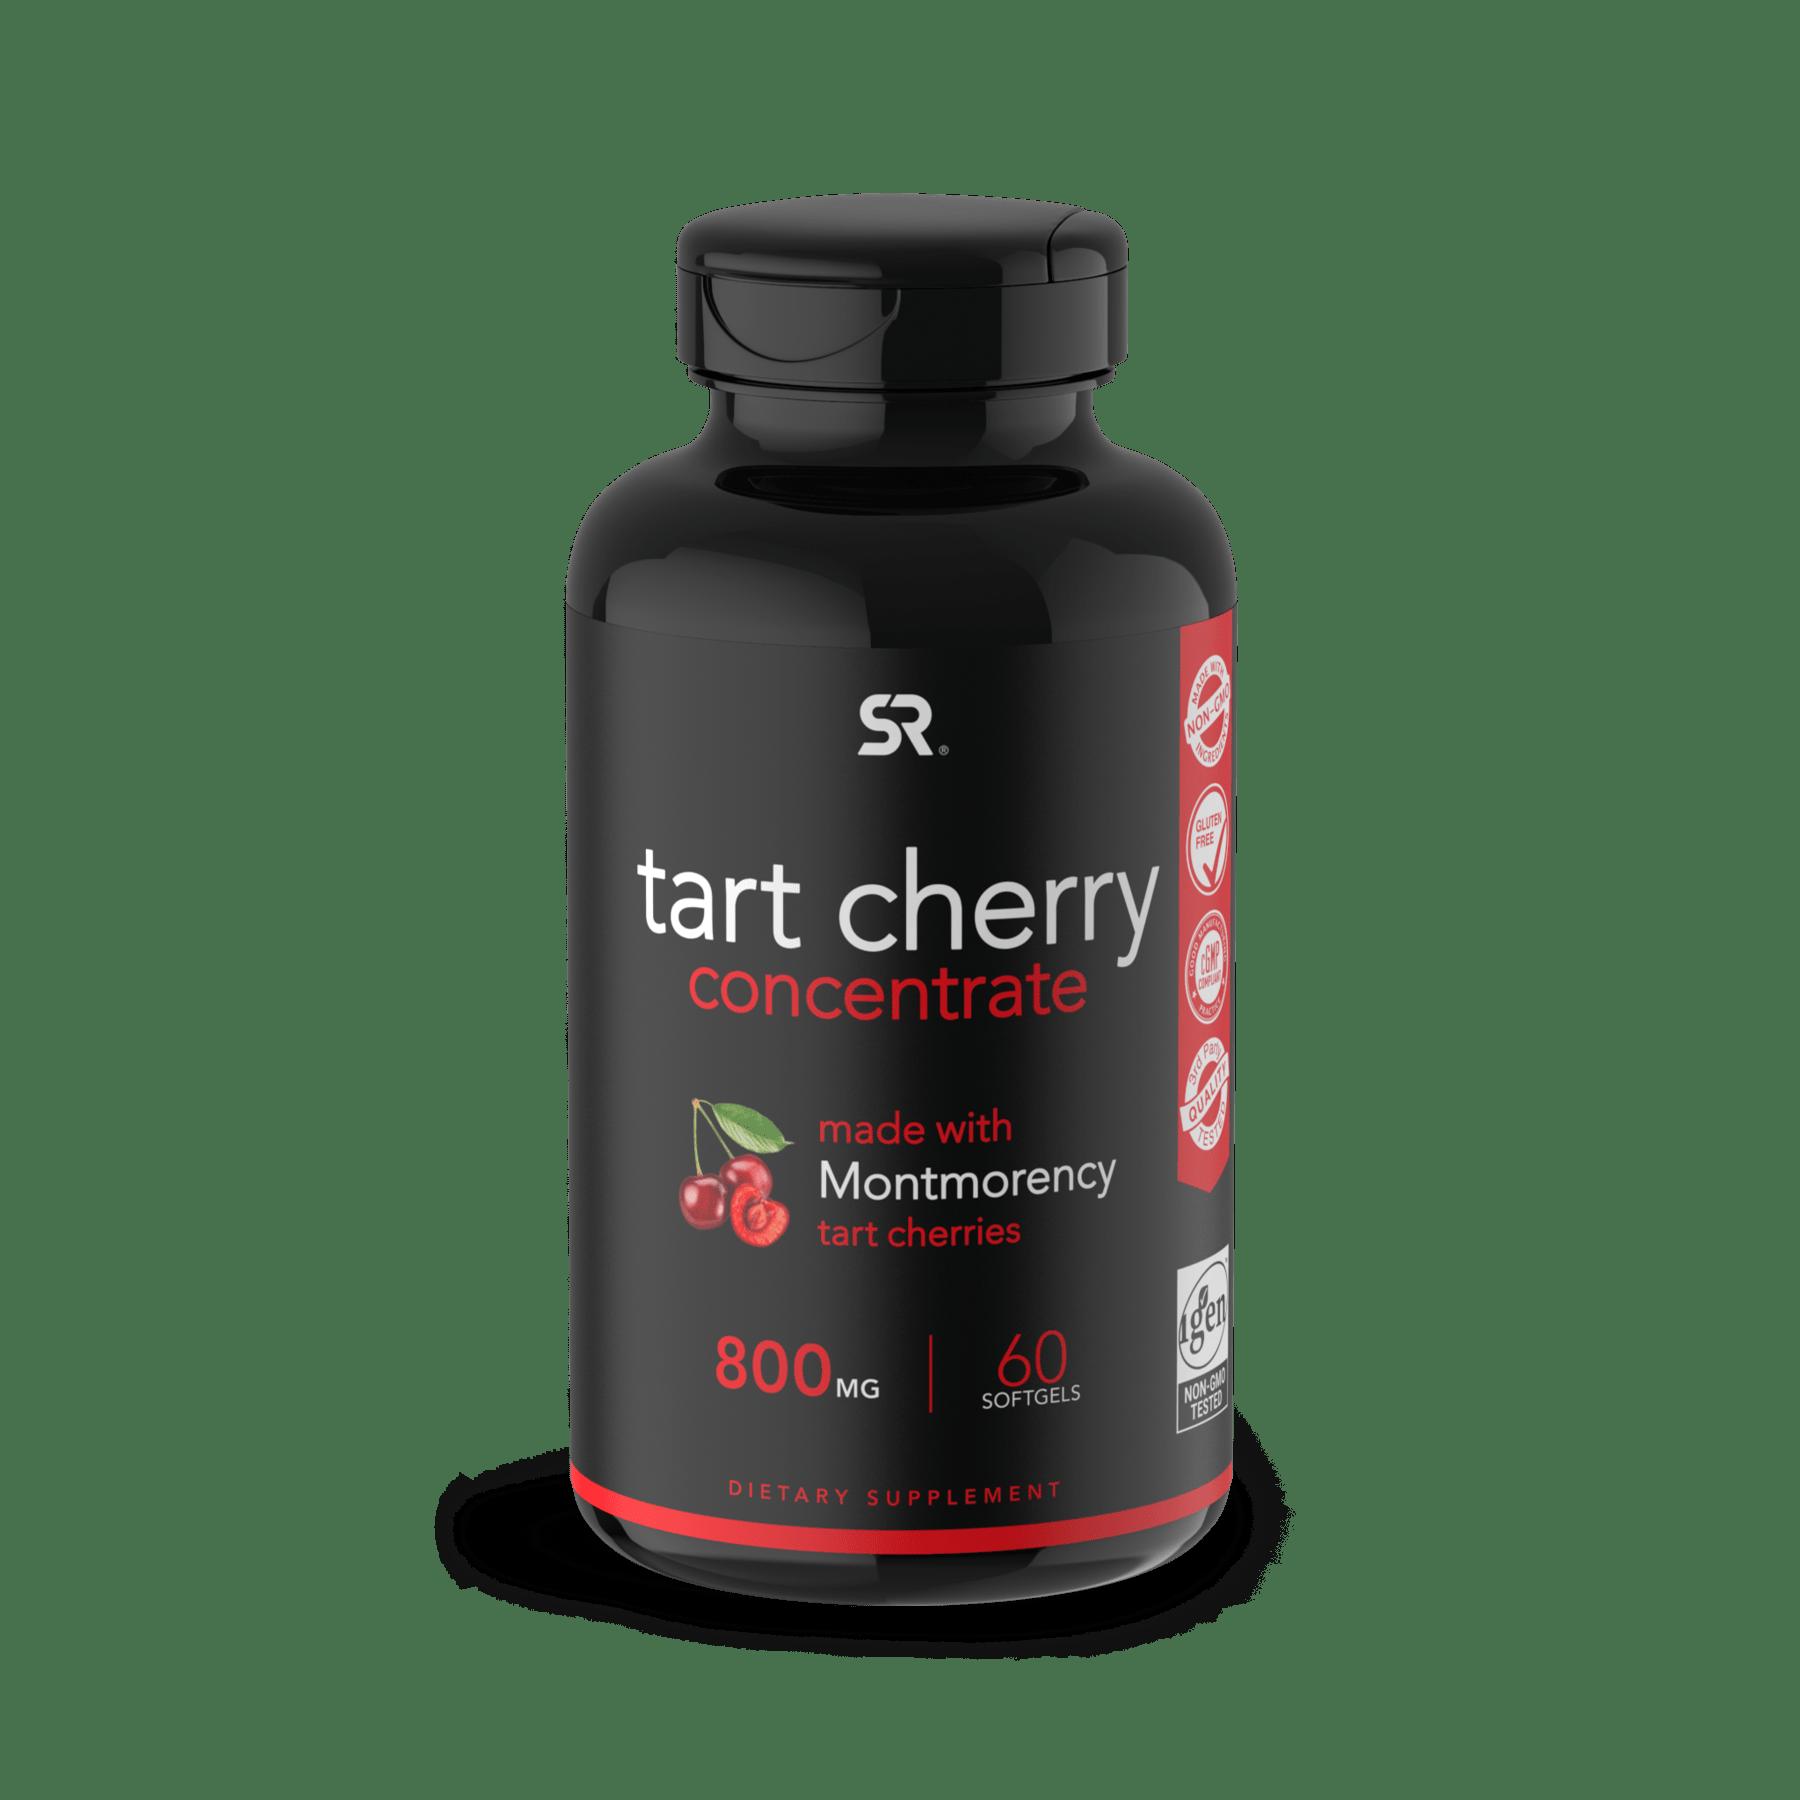 Концентрат вишни, Tart Cherry 800mg, Sports Research (60 капсул)